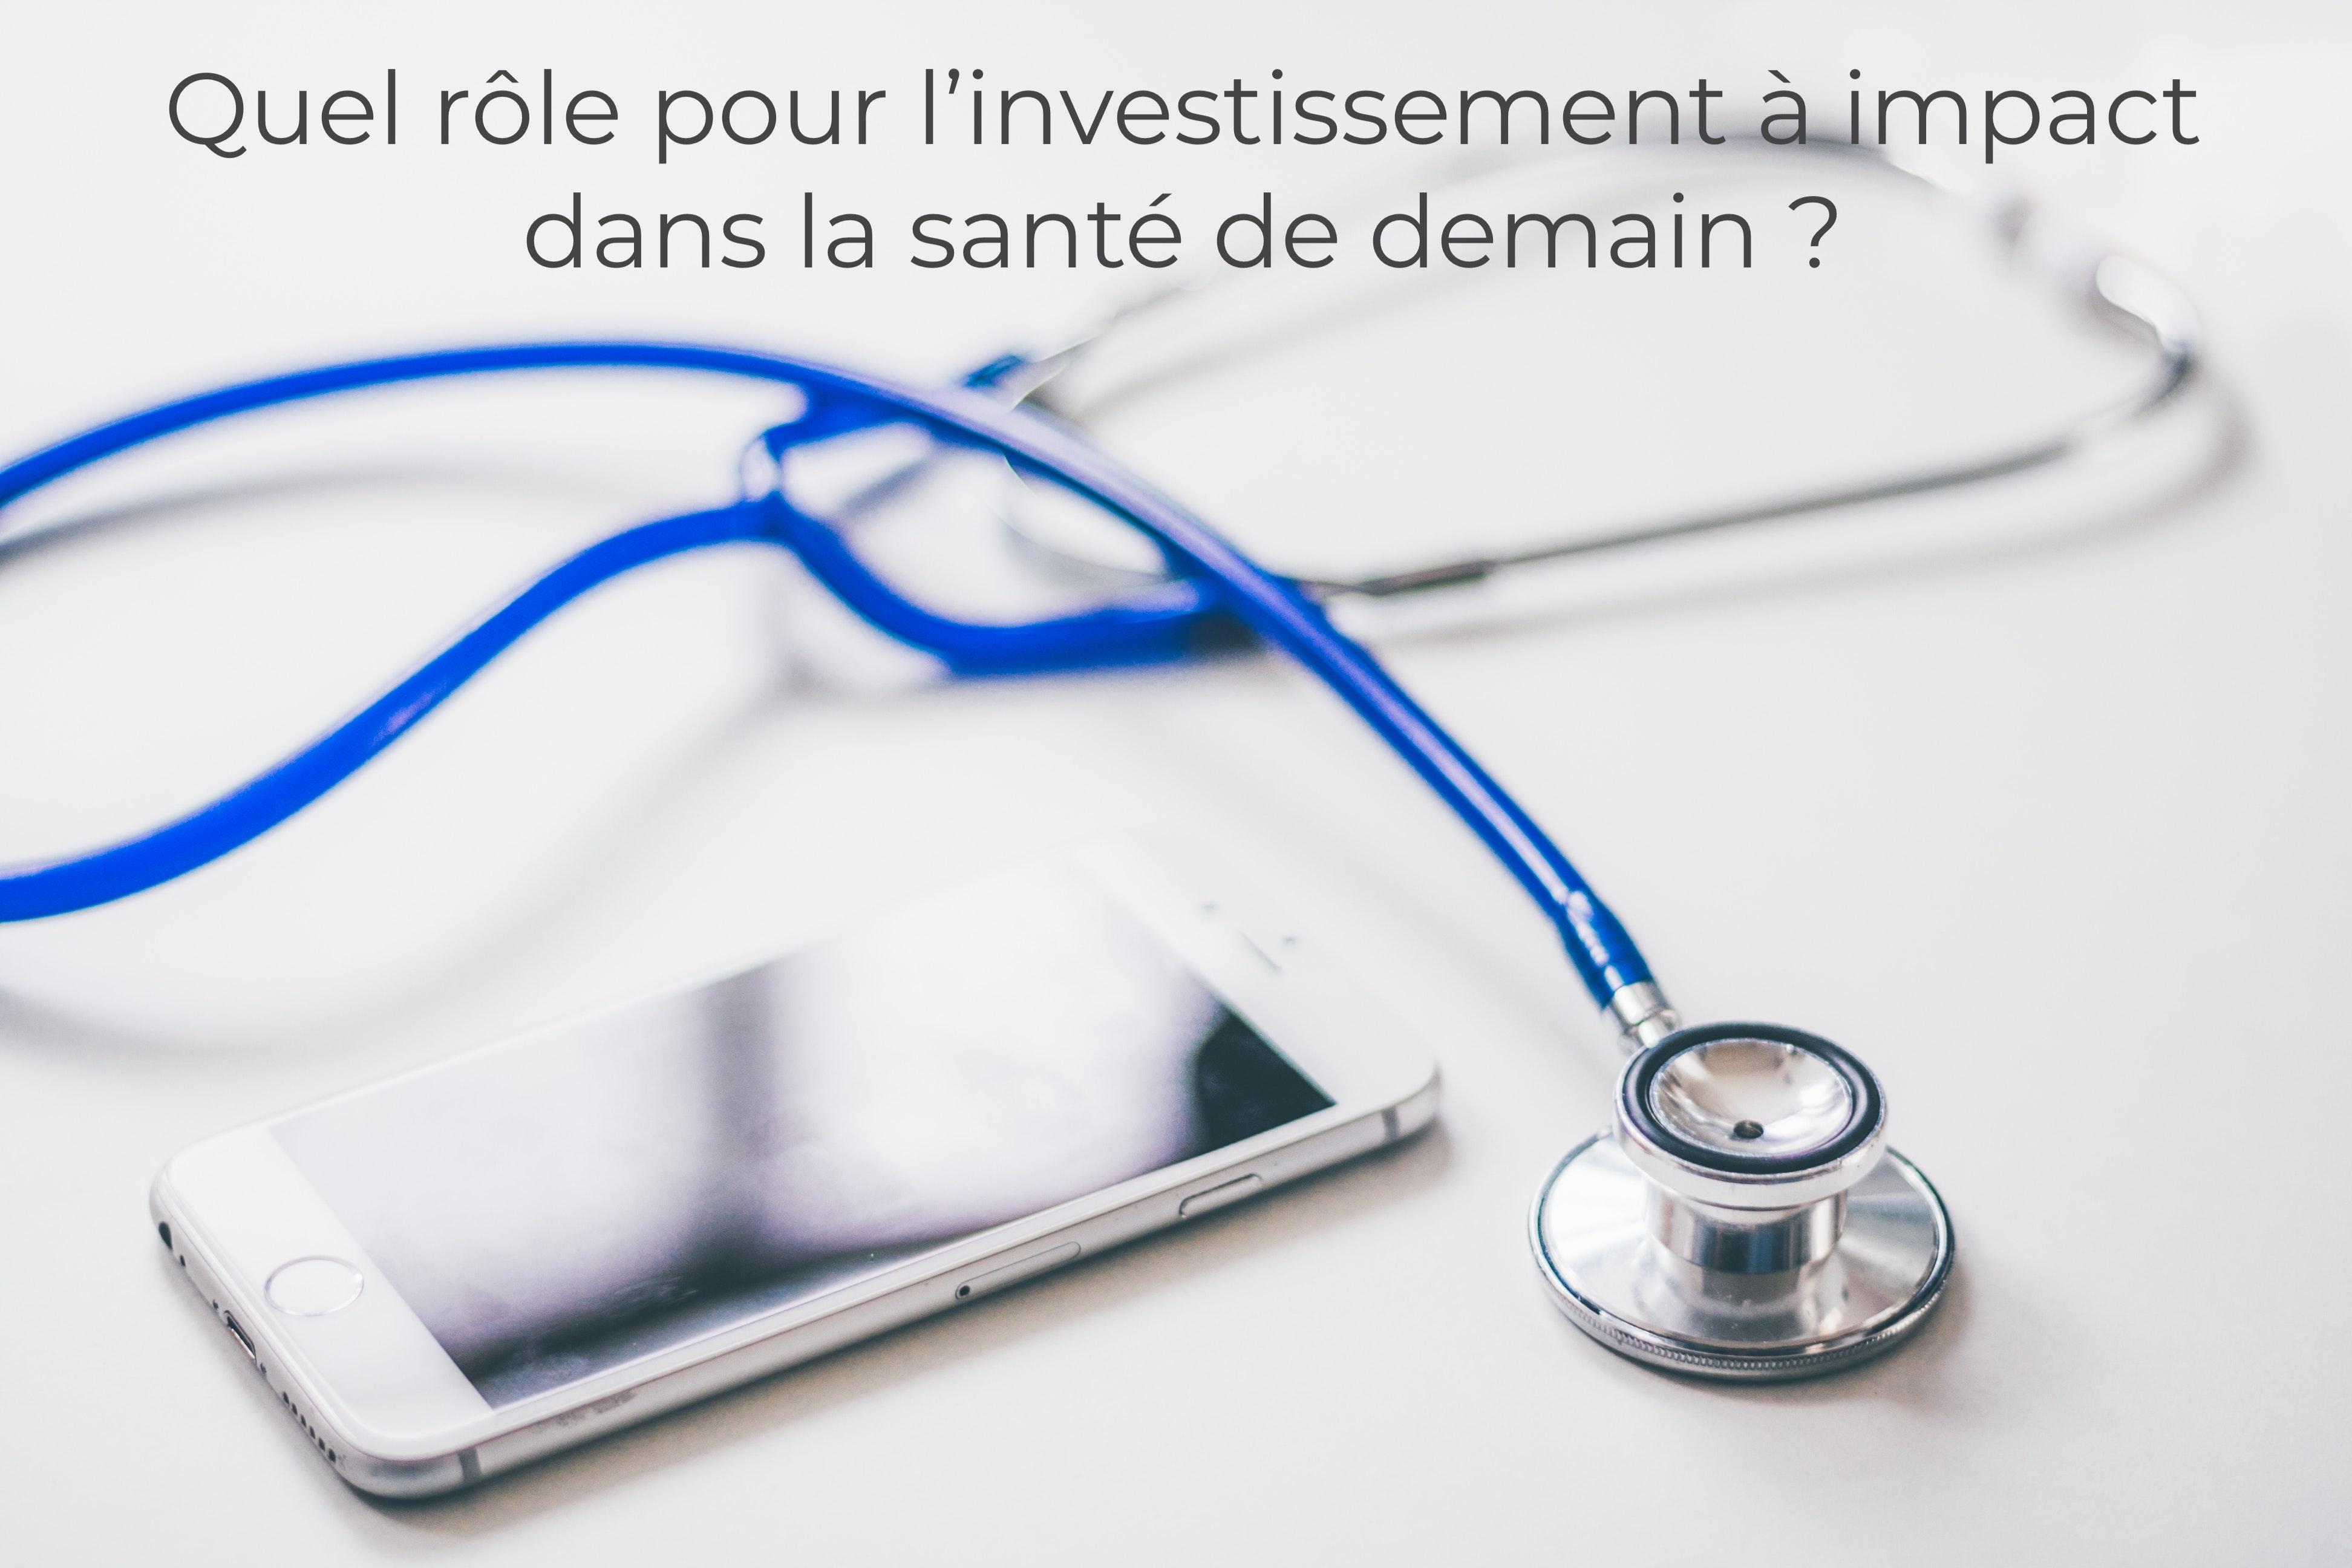 L'edito d'Investir&+: le rôle des investisseurs à impact dans la santé